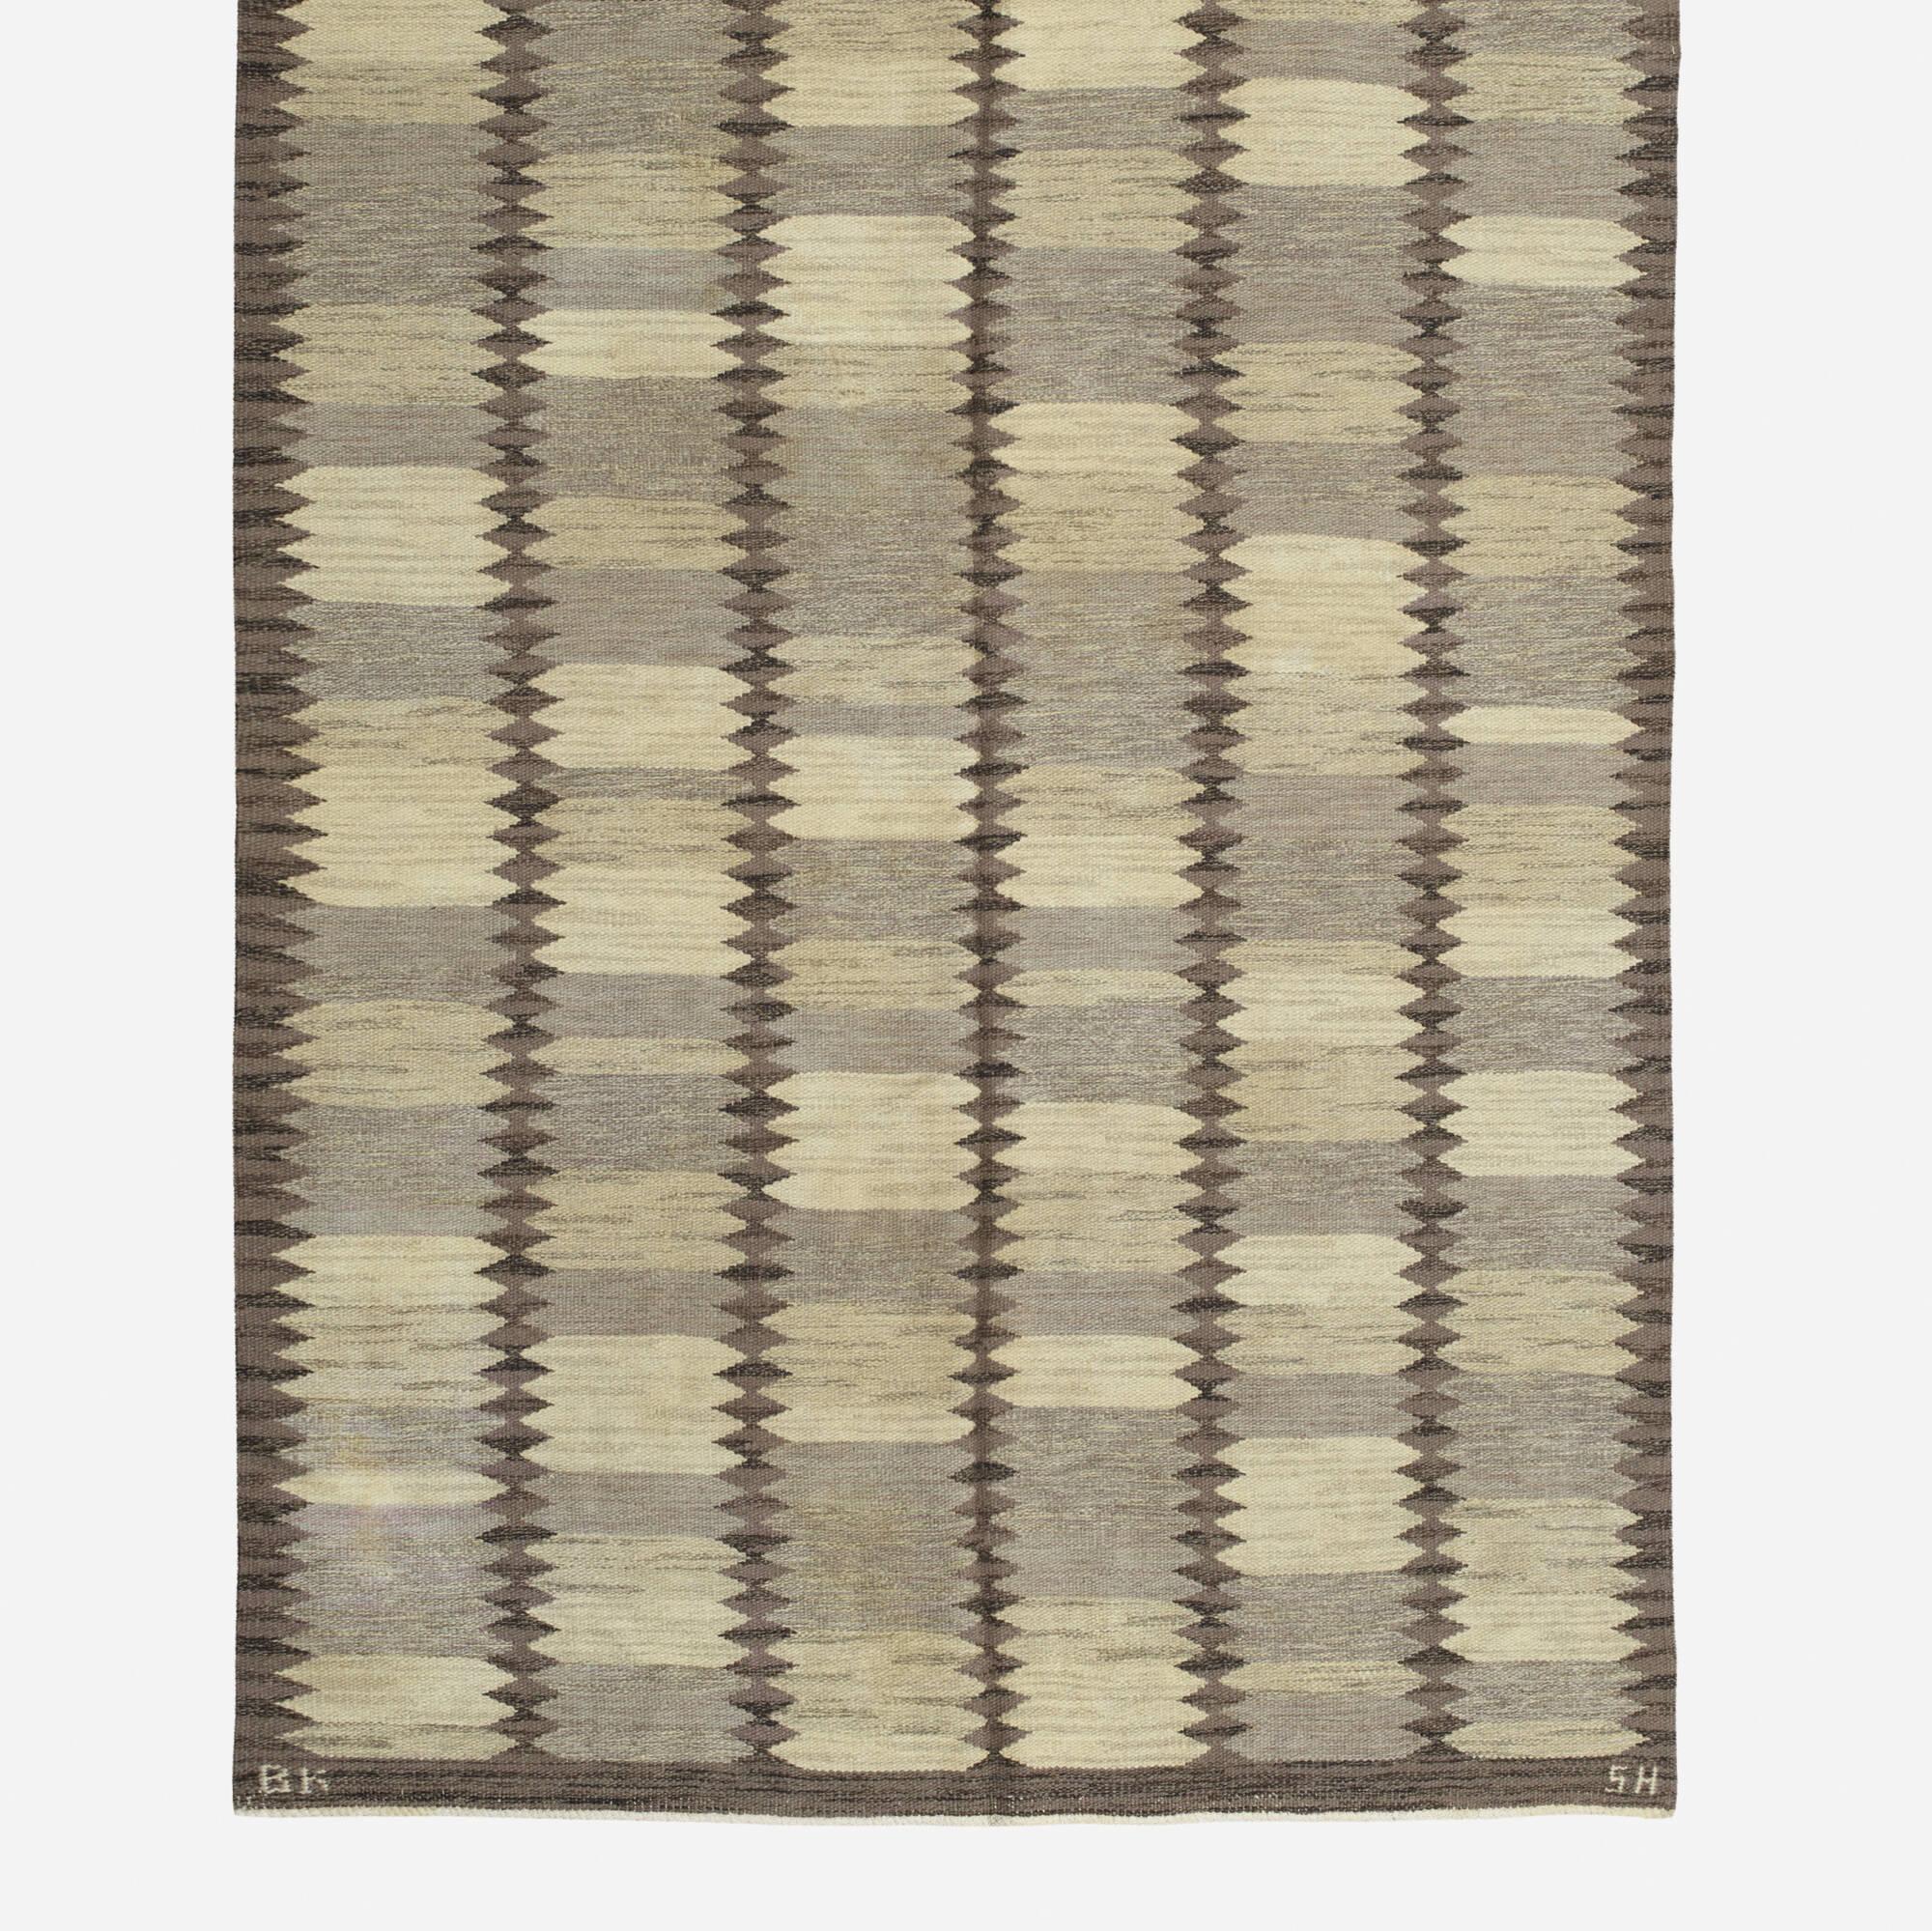 227: Berit Koenig / flatweave carpet (2 of 2)